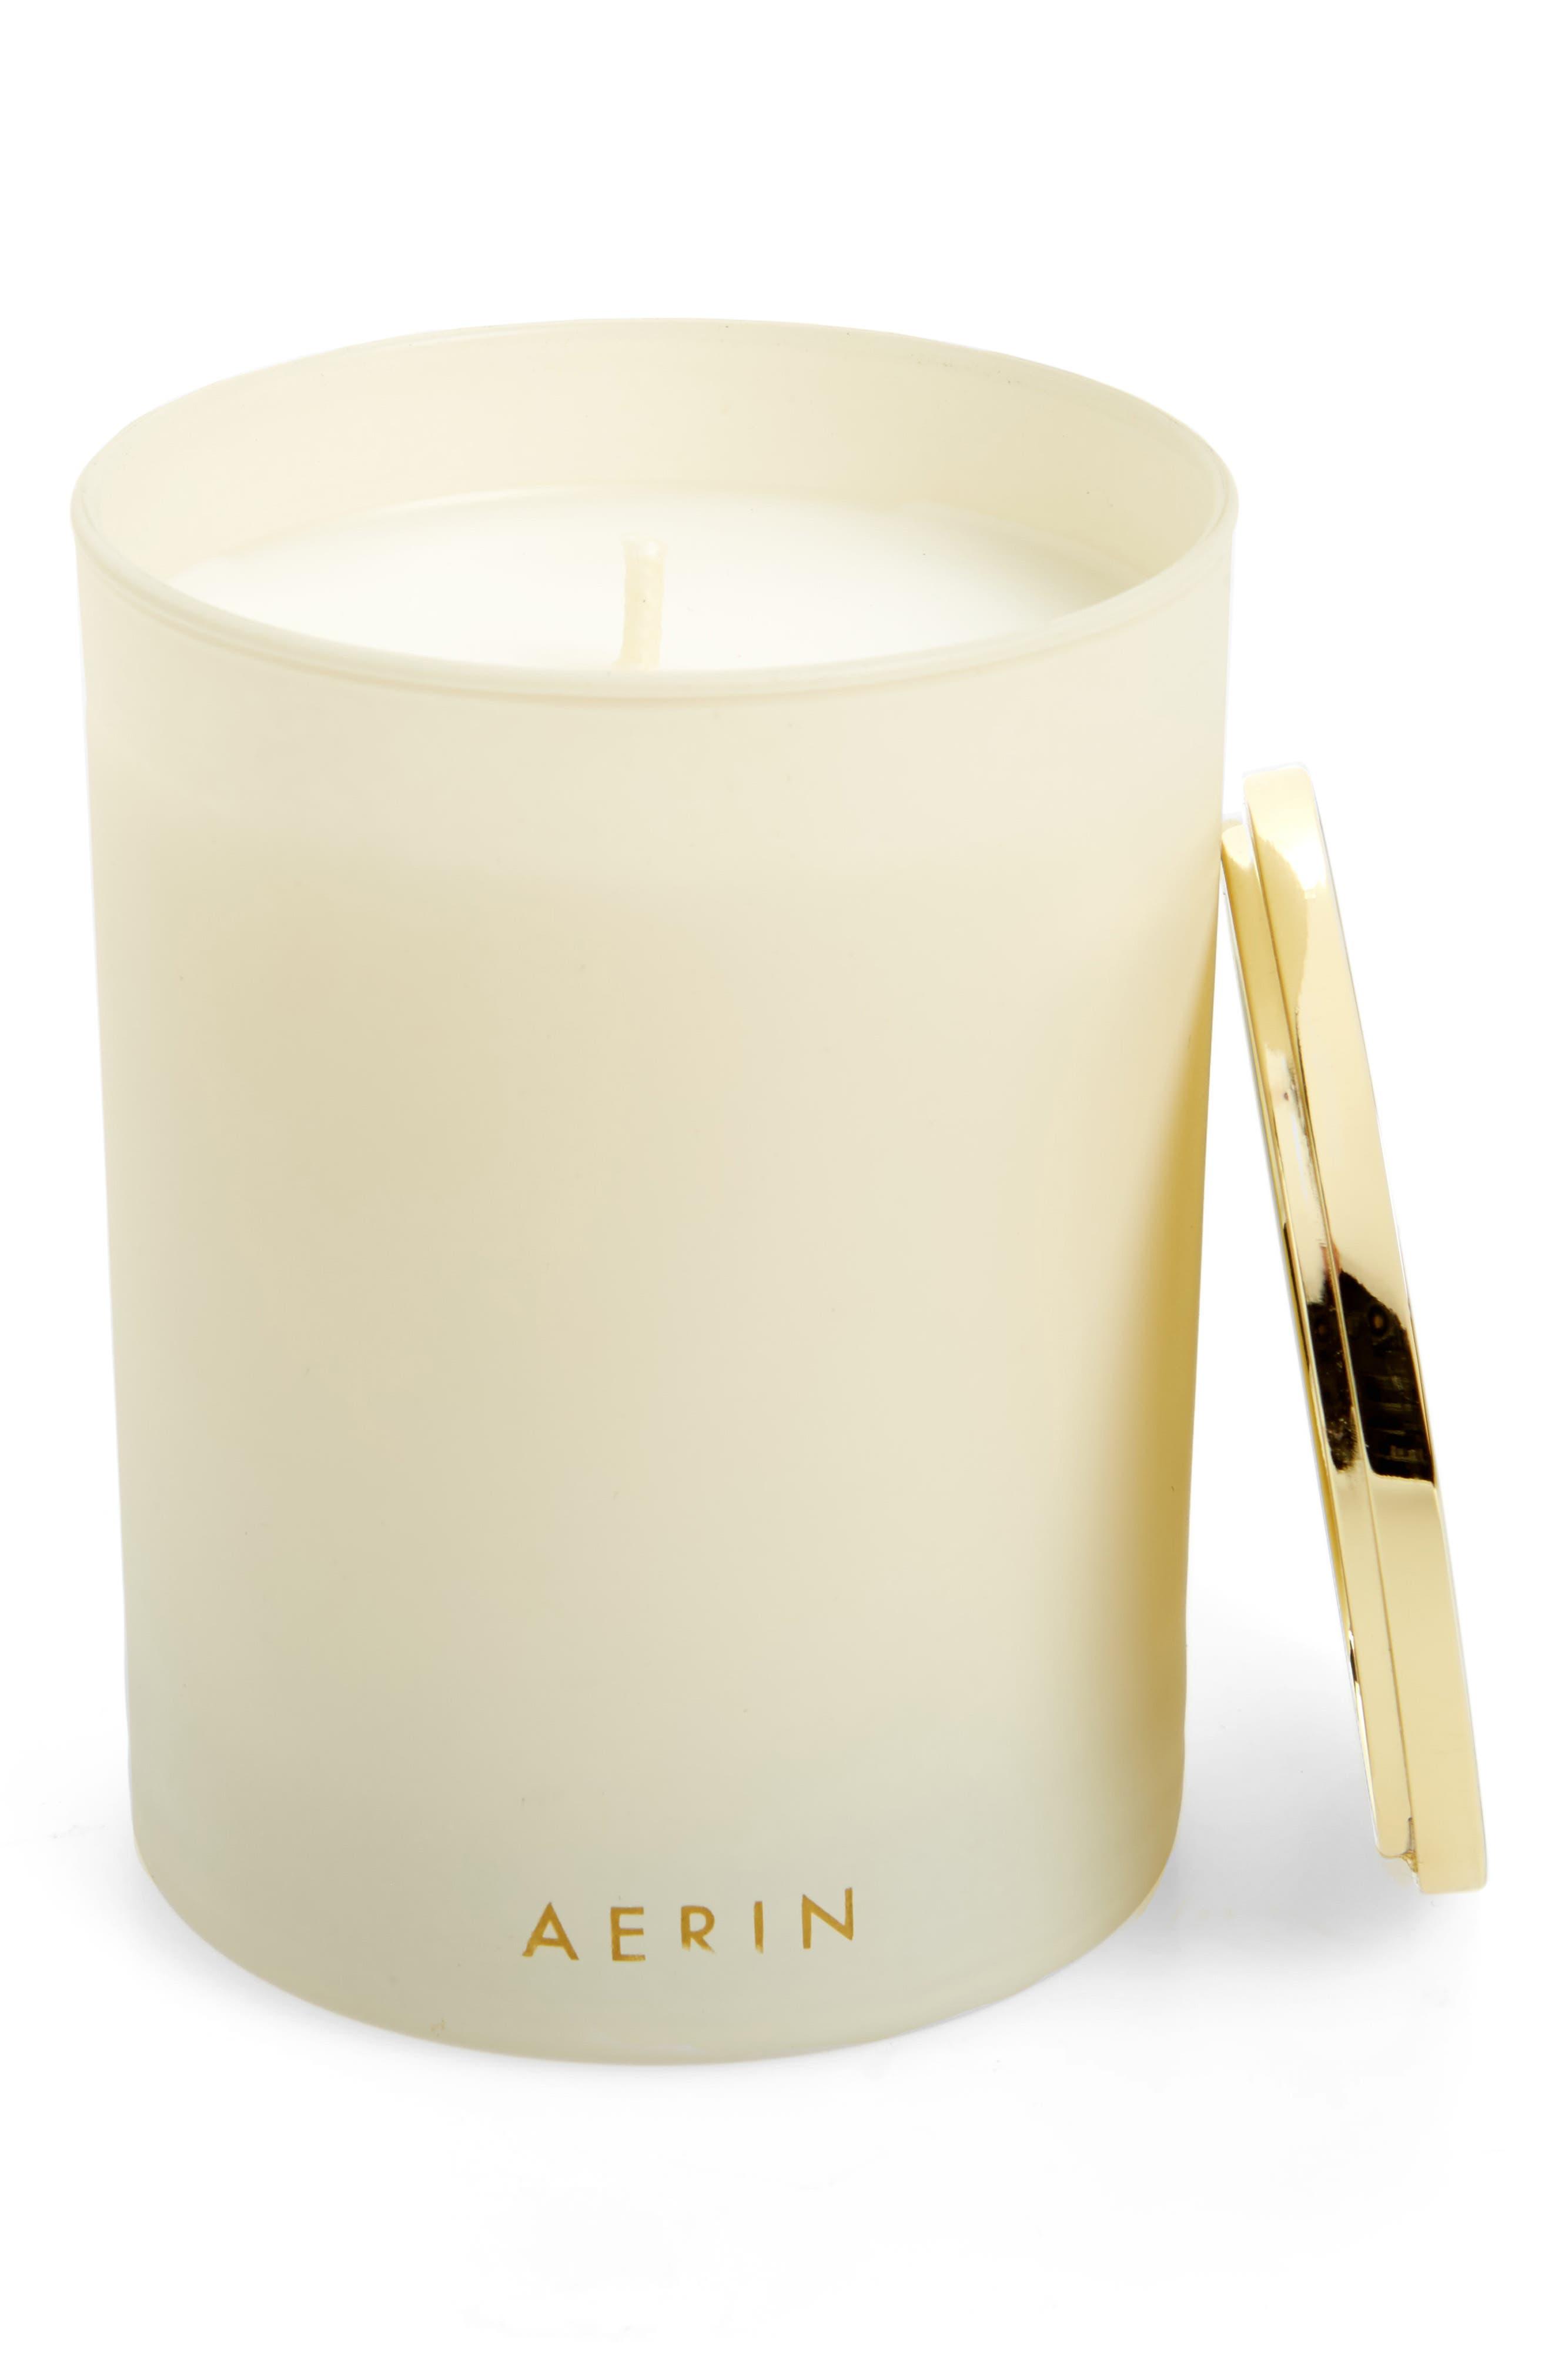 AERIN Madaket Geranium Candle